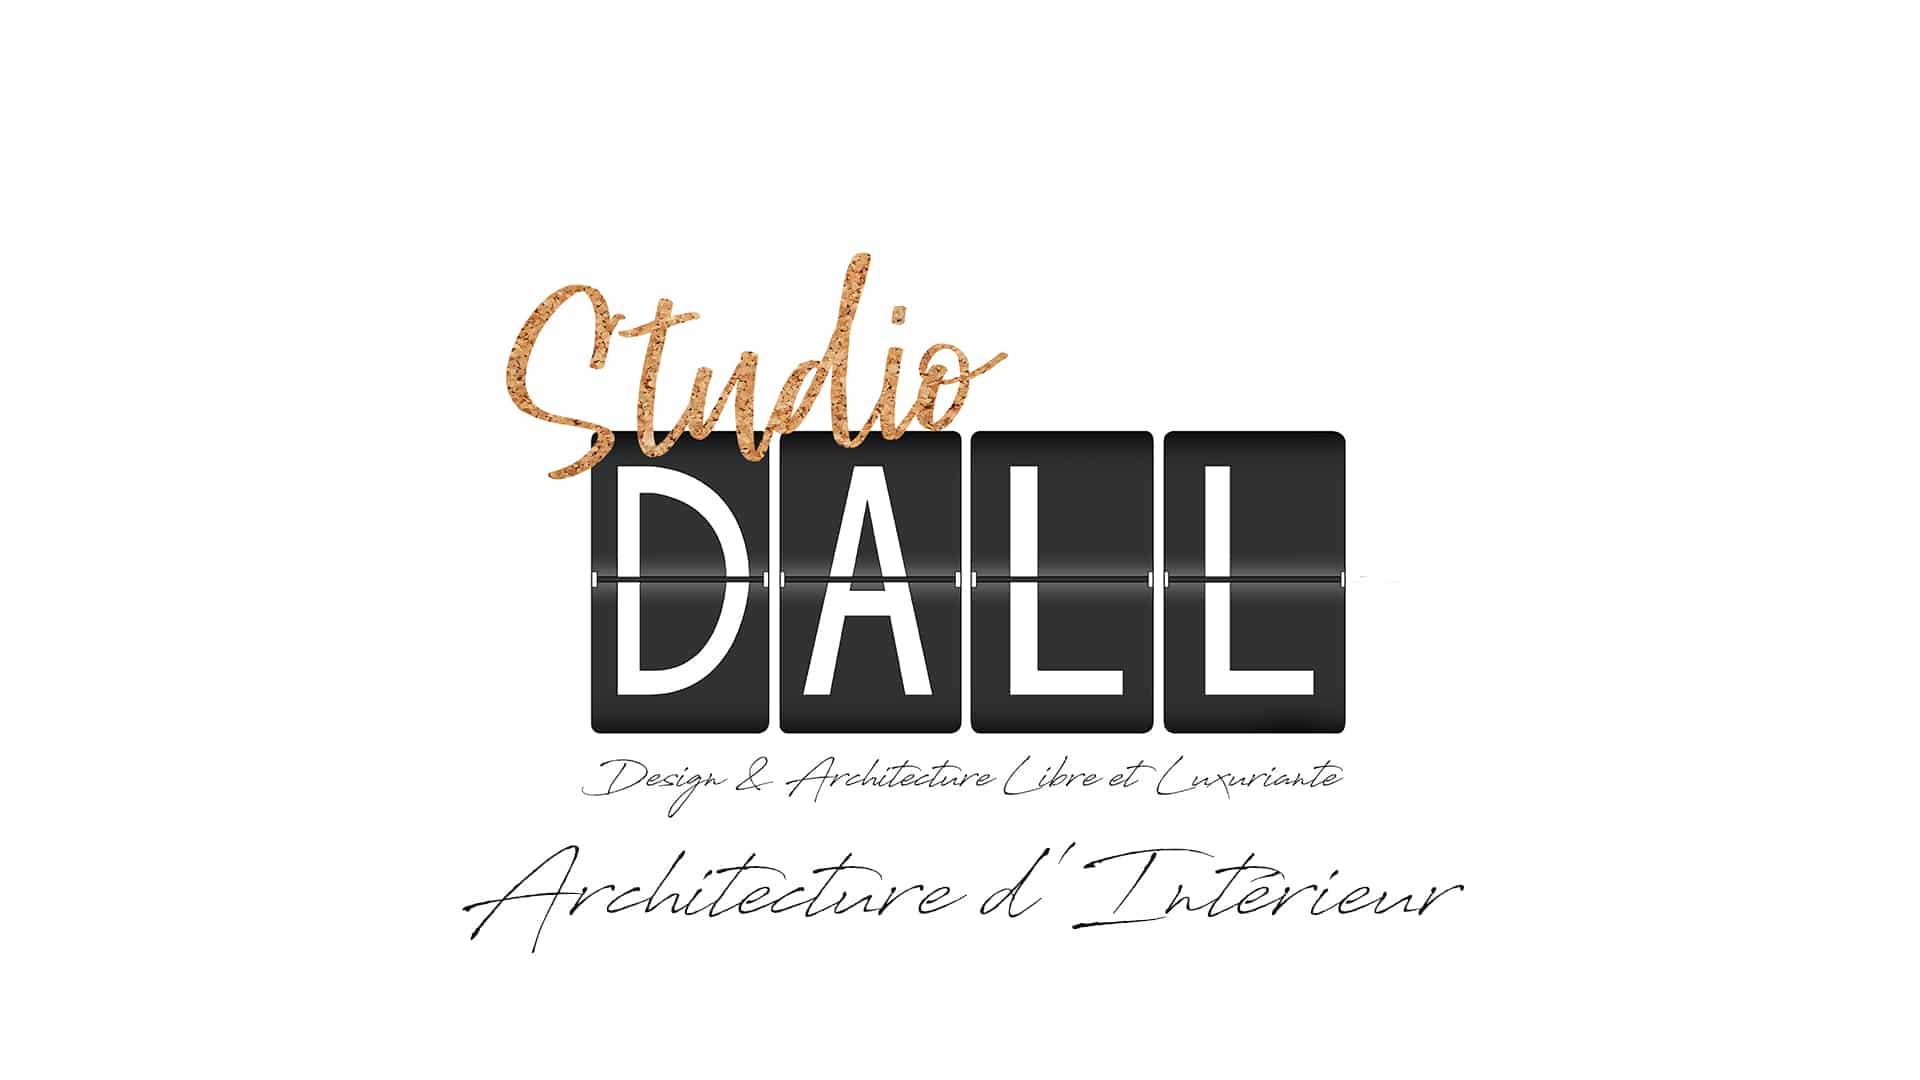 Studio DALL